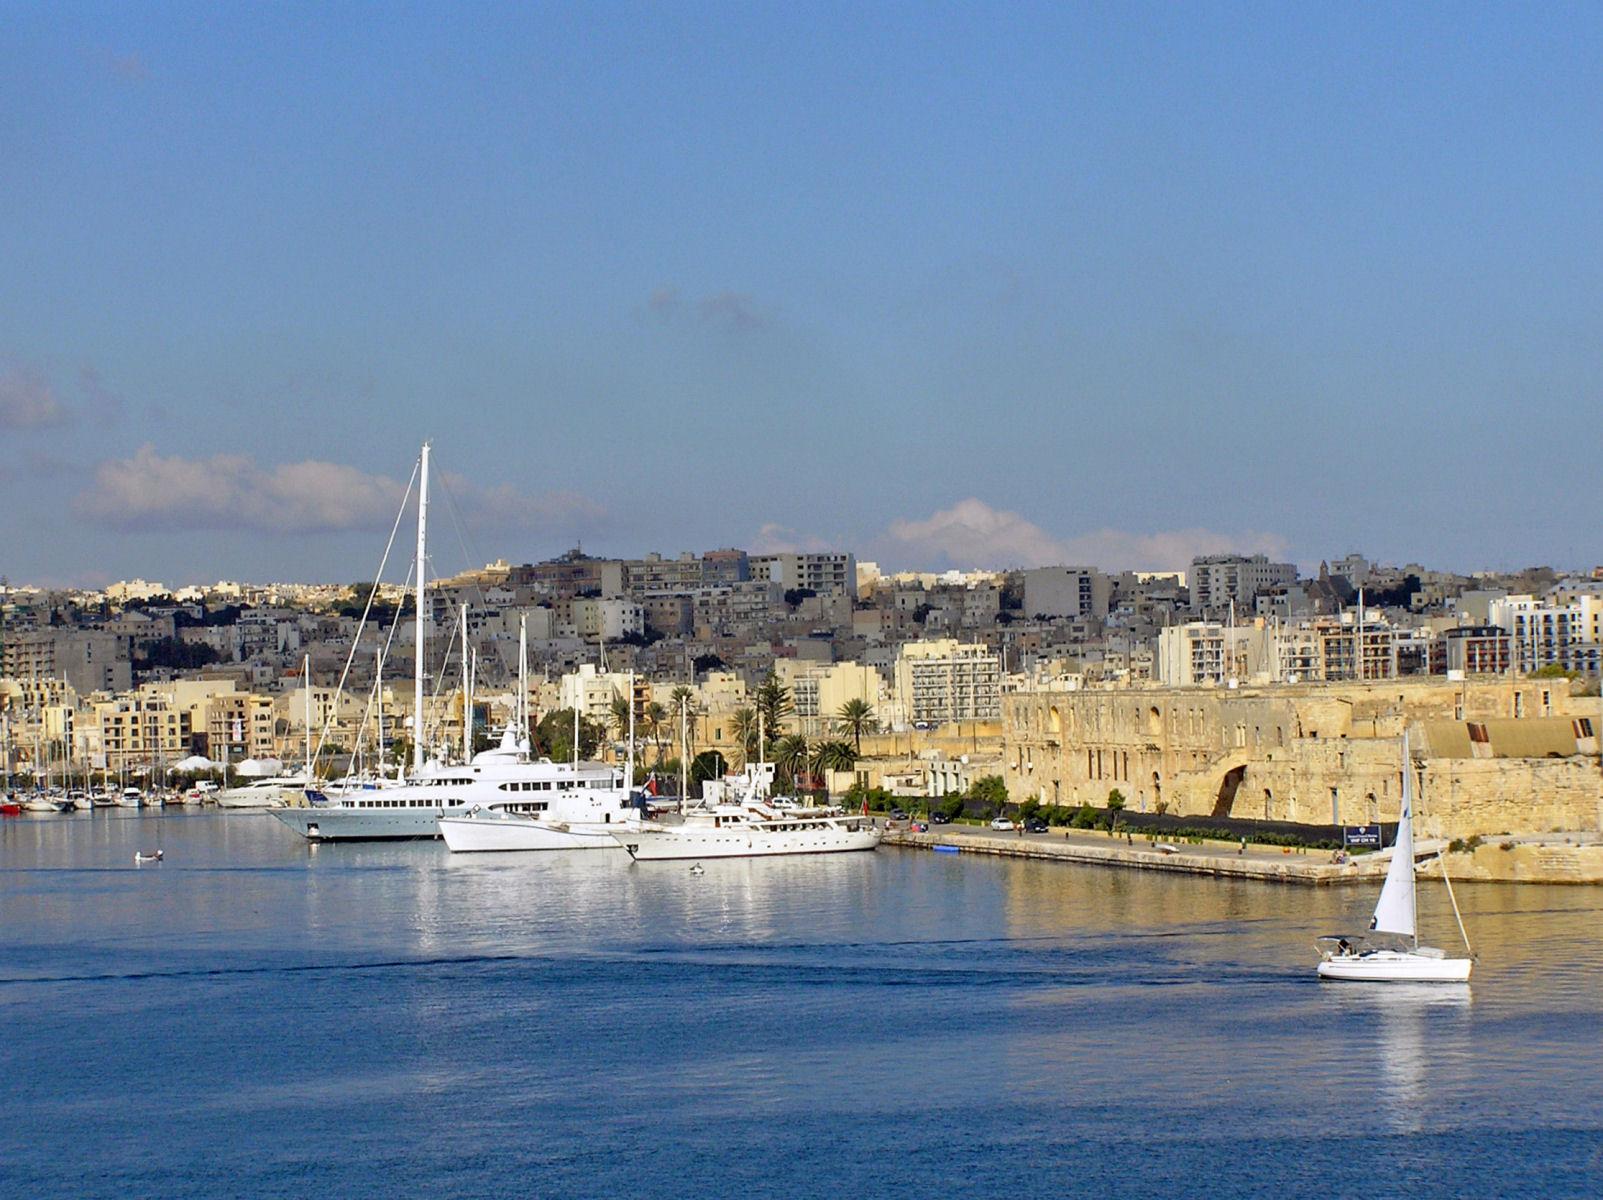 Mit Leovegas nach Malta